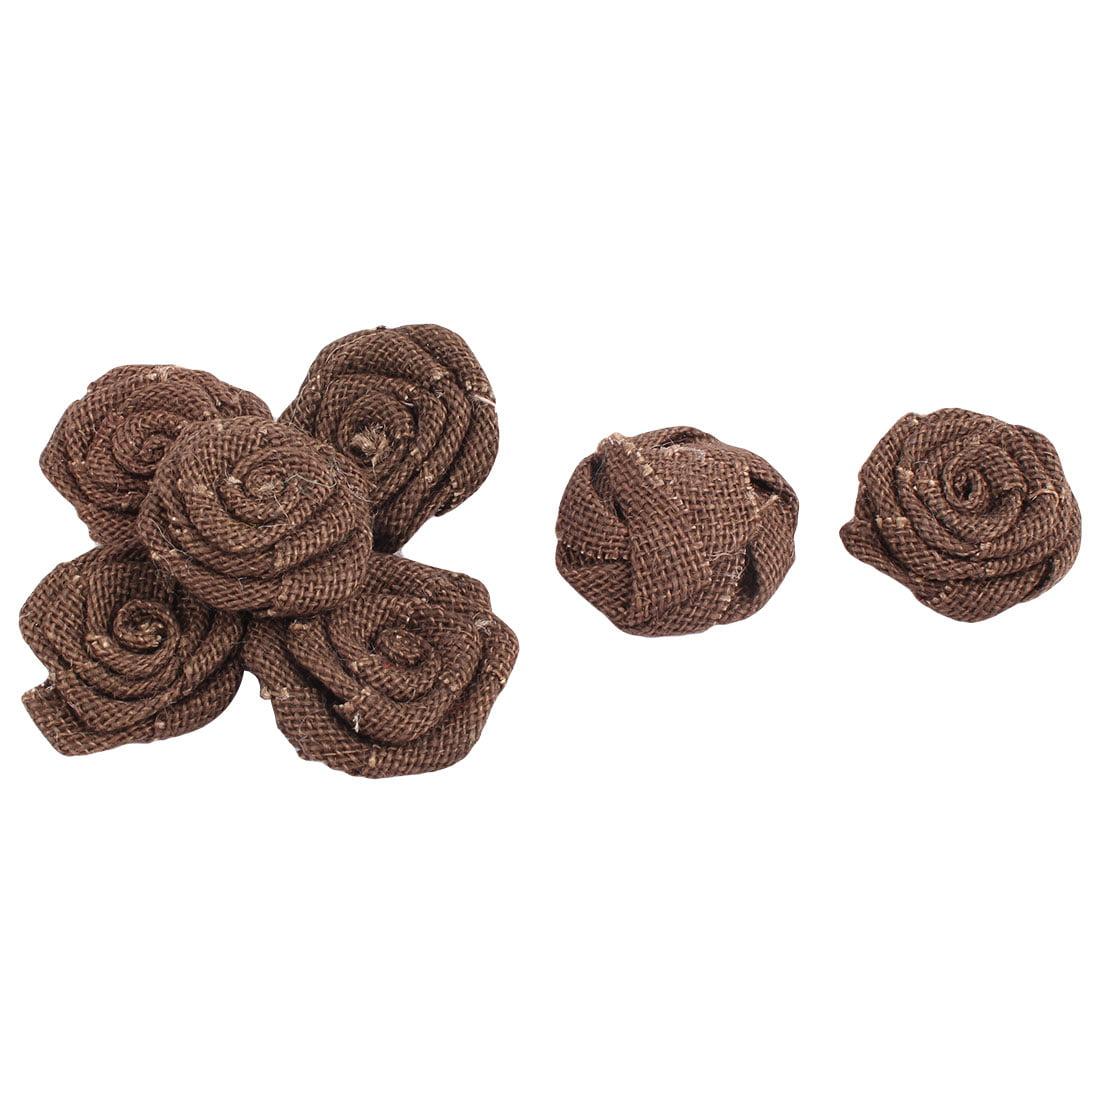 Accueil Forme rose bonbon bricolage artisanal Décoration Bo te cadeau fleur jute 7 pcs - image 2 de 2